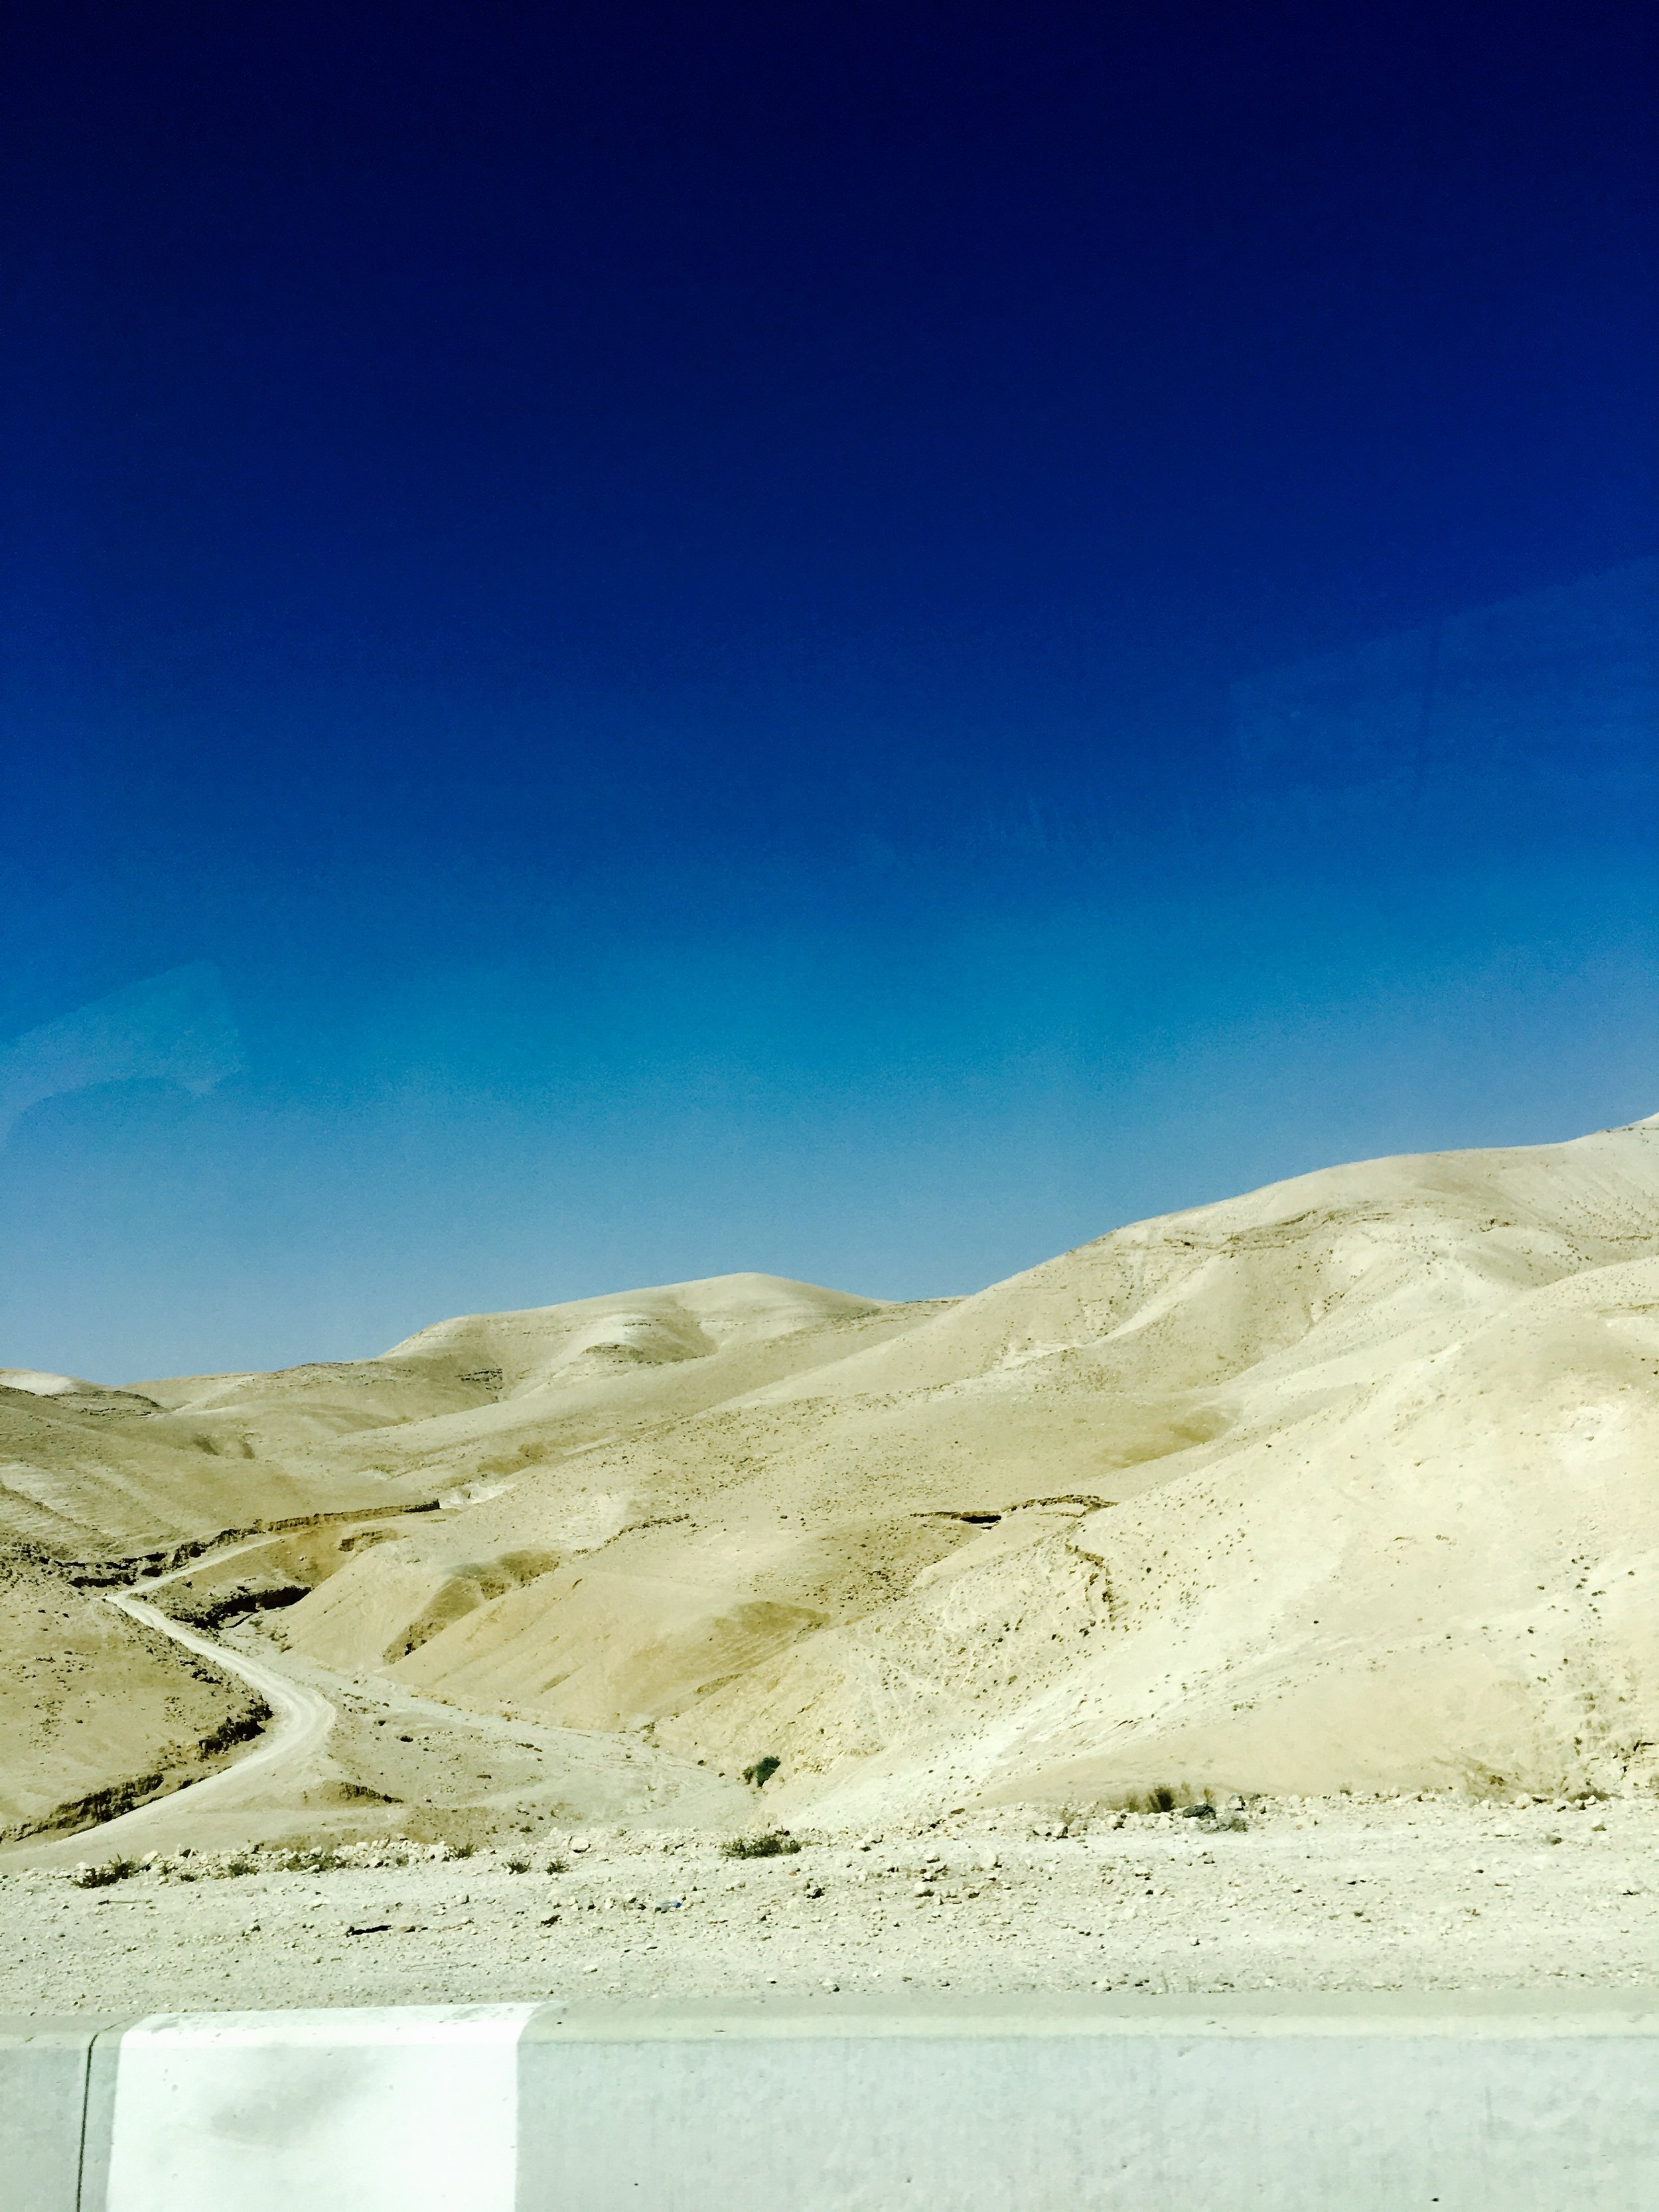 On the way to Masada